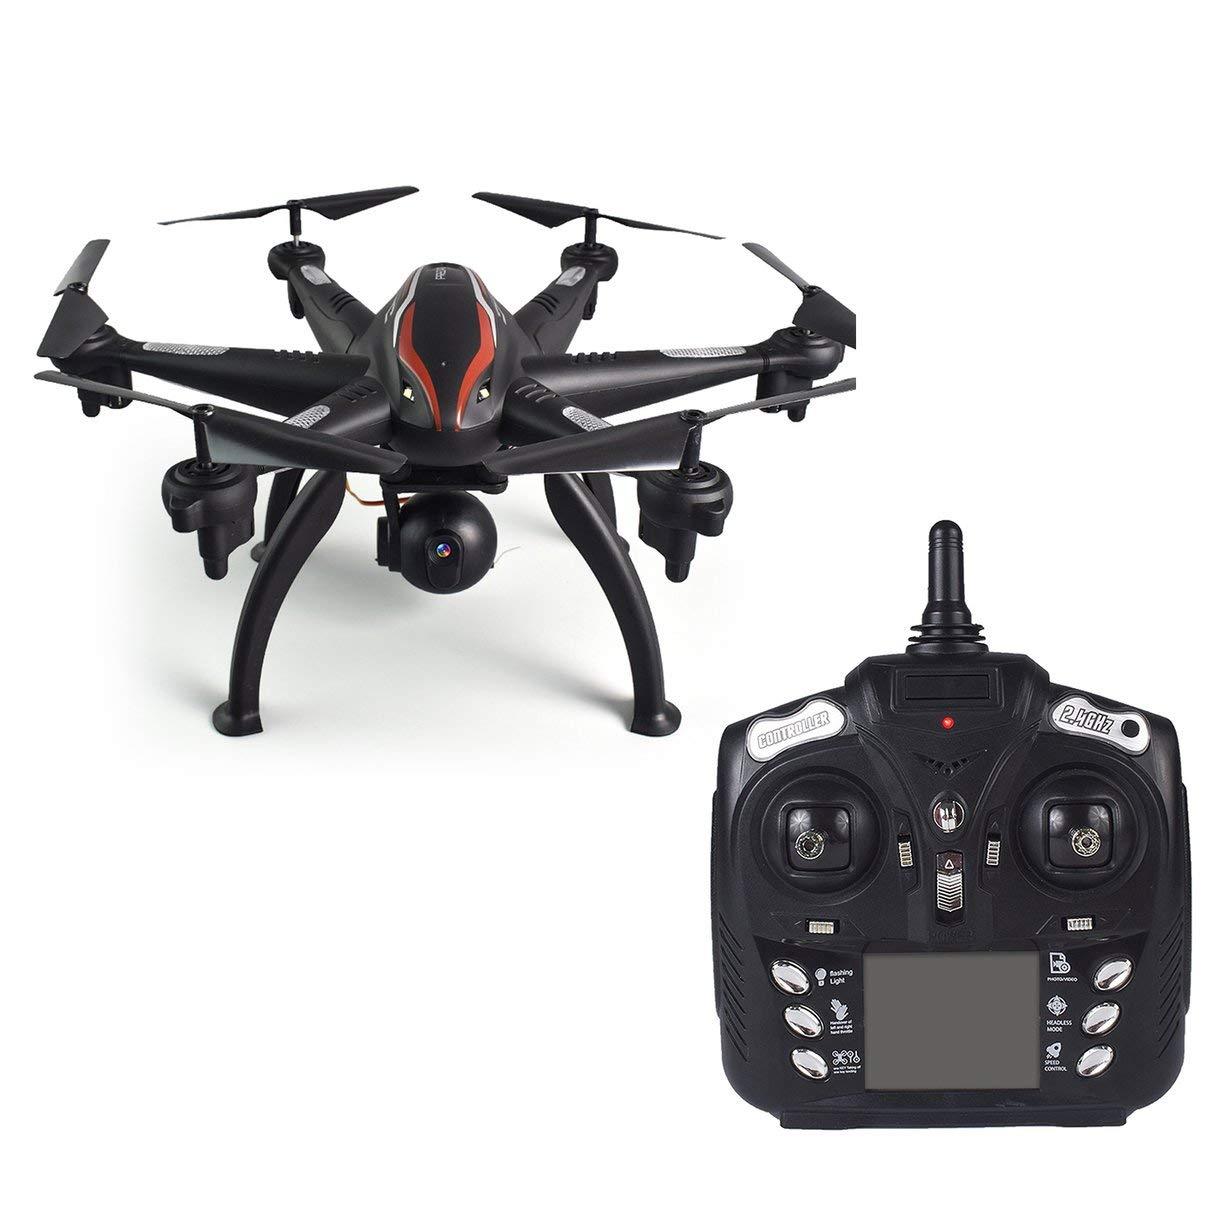 100% precio garantizado Comomingo L100 6-Axis 720P Gran Angular 2.4G RC Drone Drone Drone Quadcopter Aviones WiFi FPV GPS (Negro)  Mejor precio